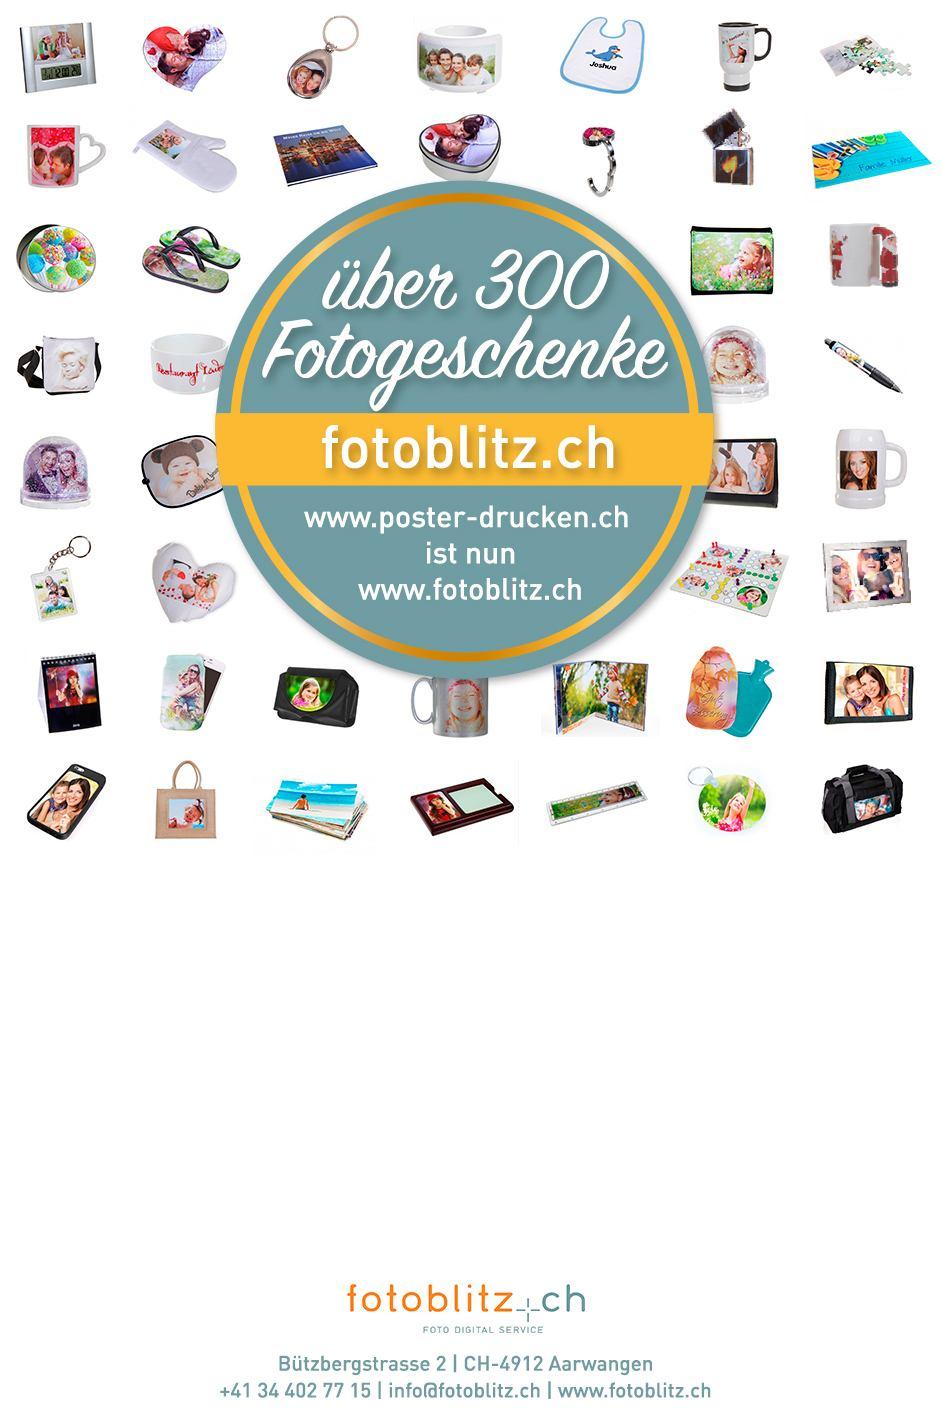 poster-drucken wird fotoblitz.ch